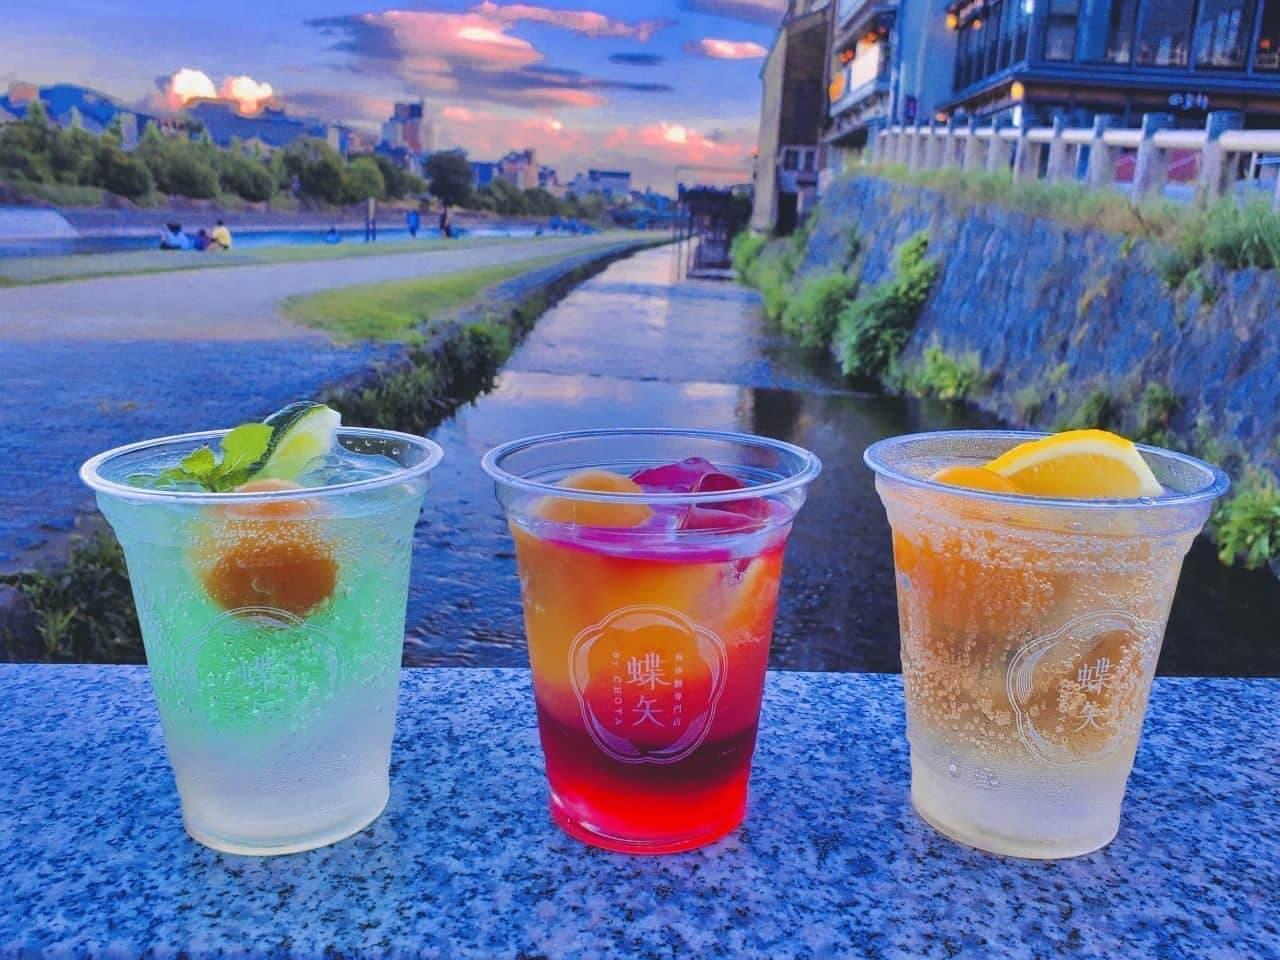 「蝶矢」にテイクアウト梅カクテル3種